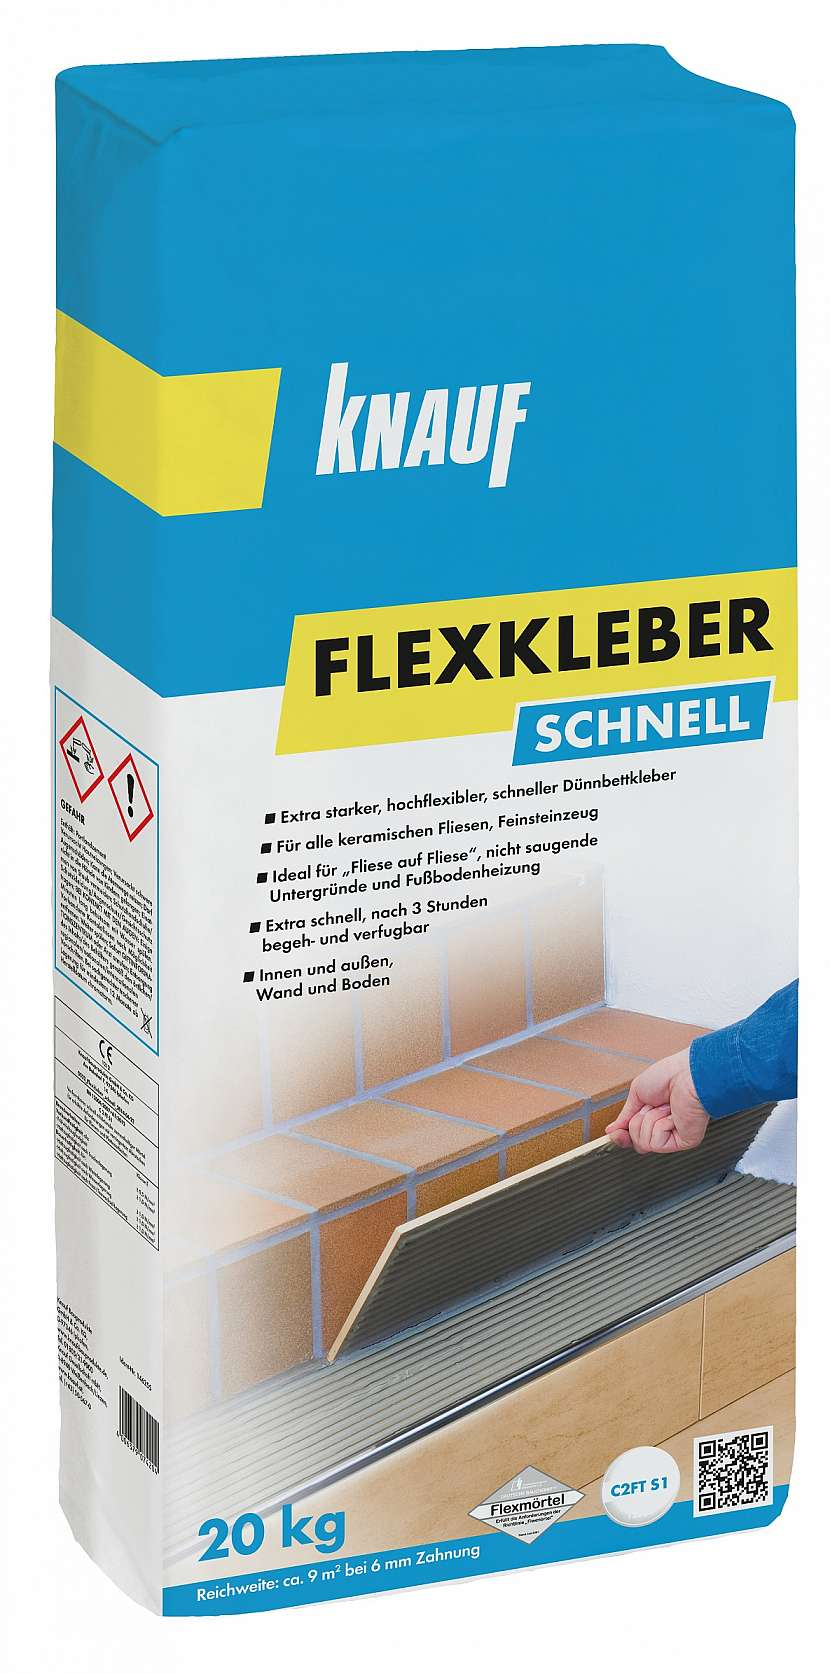 Flexkleber_Schnell_20kg_m